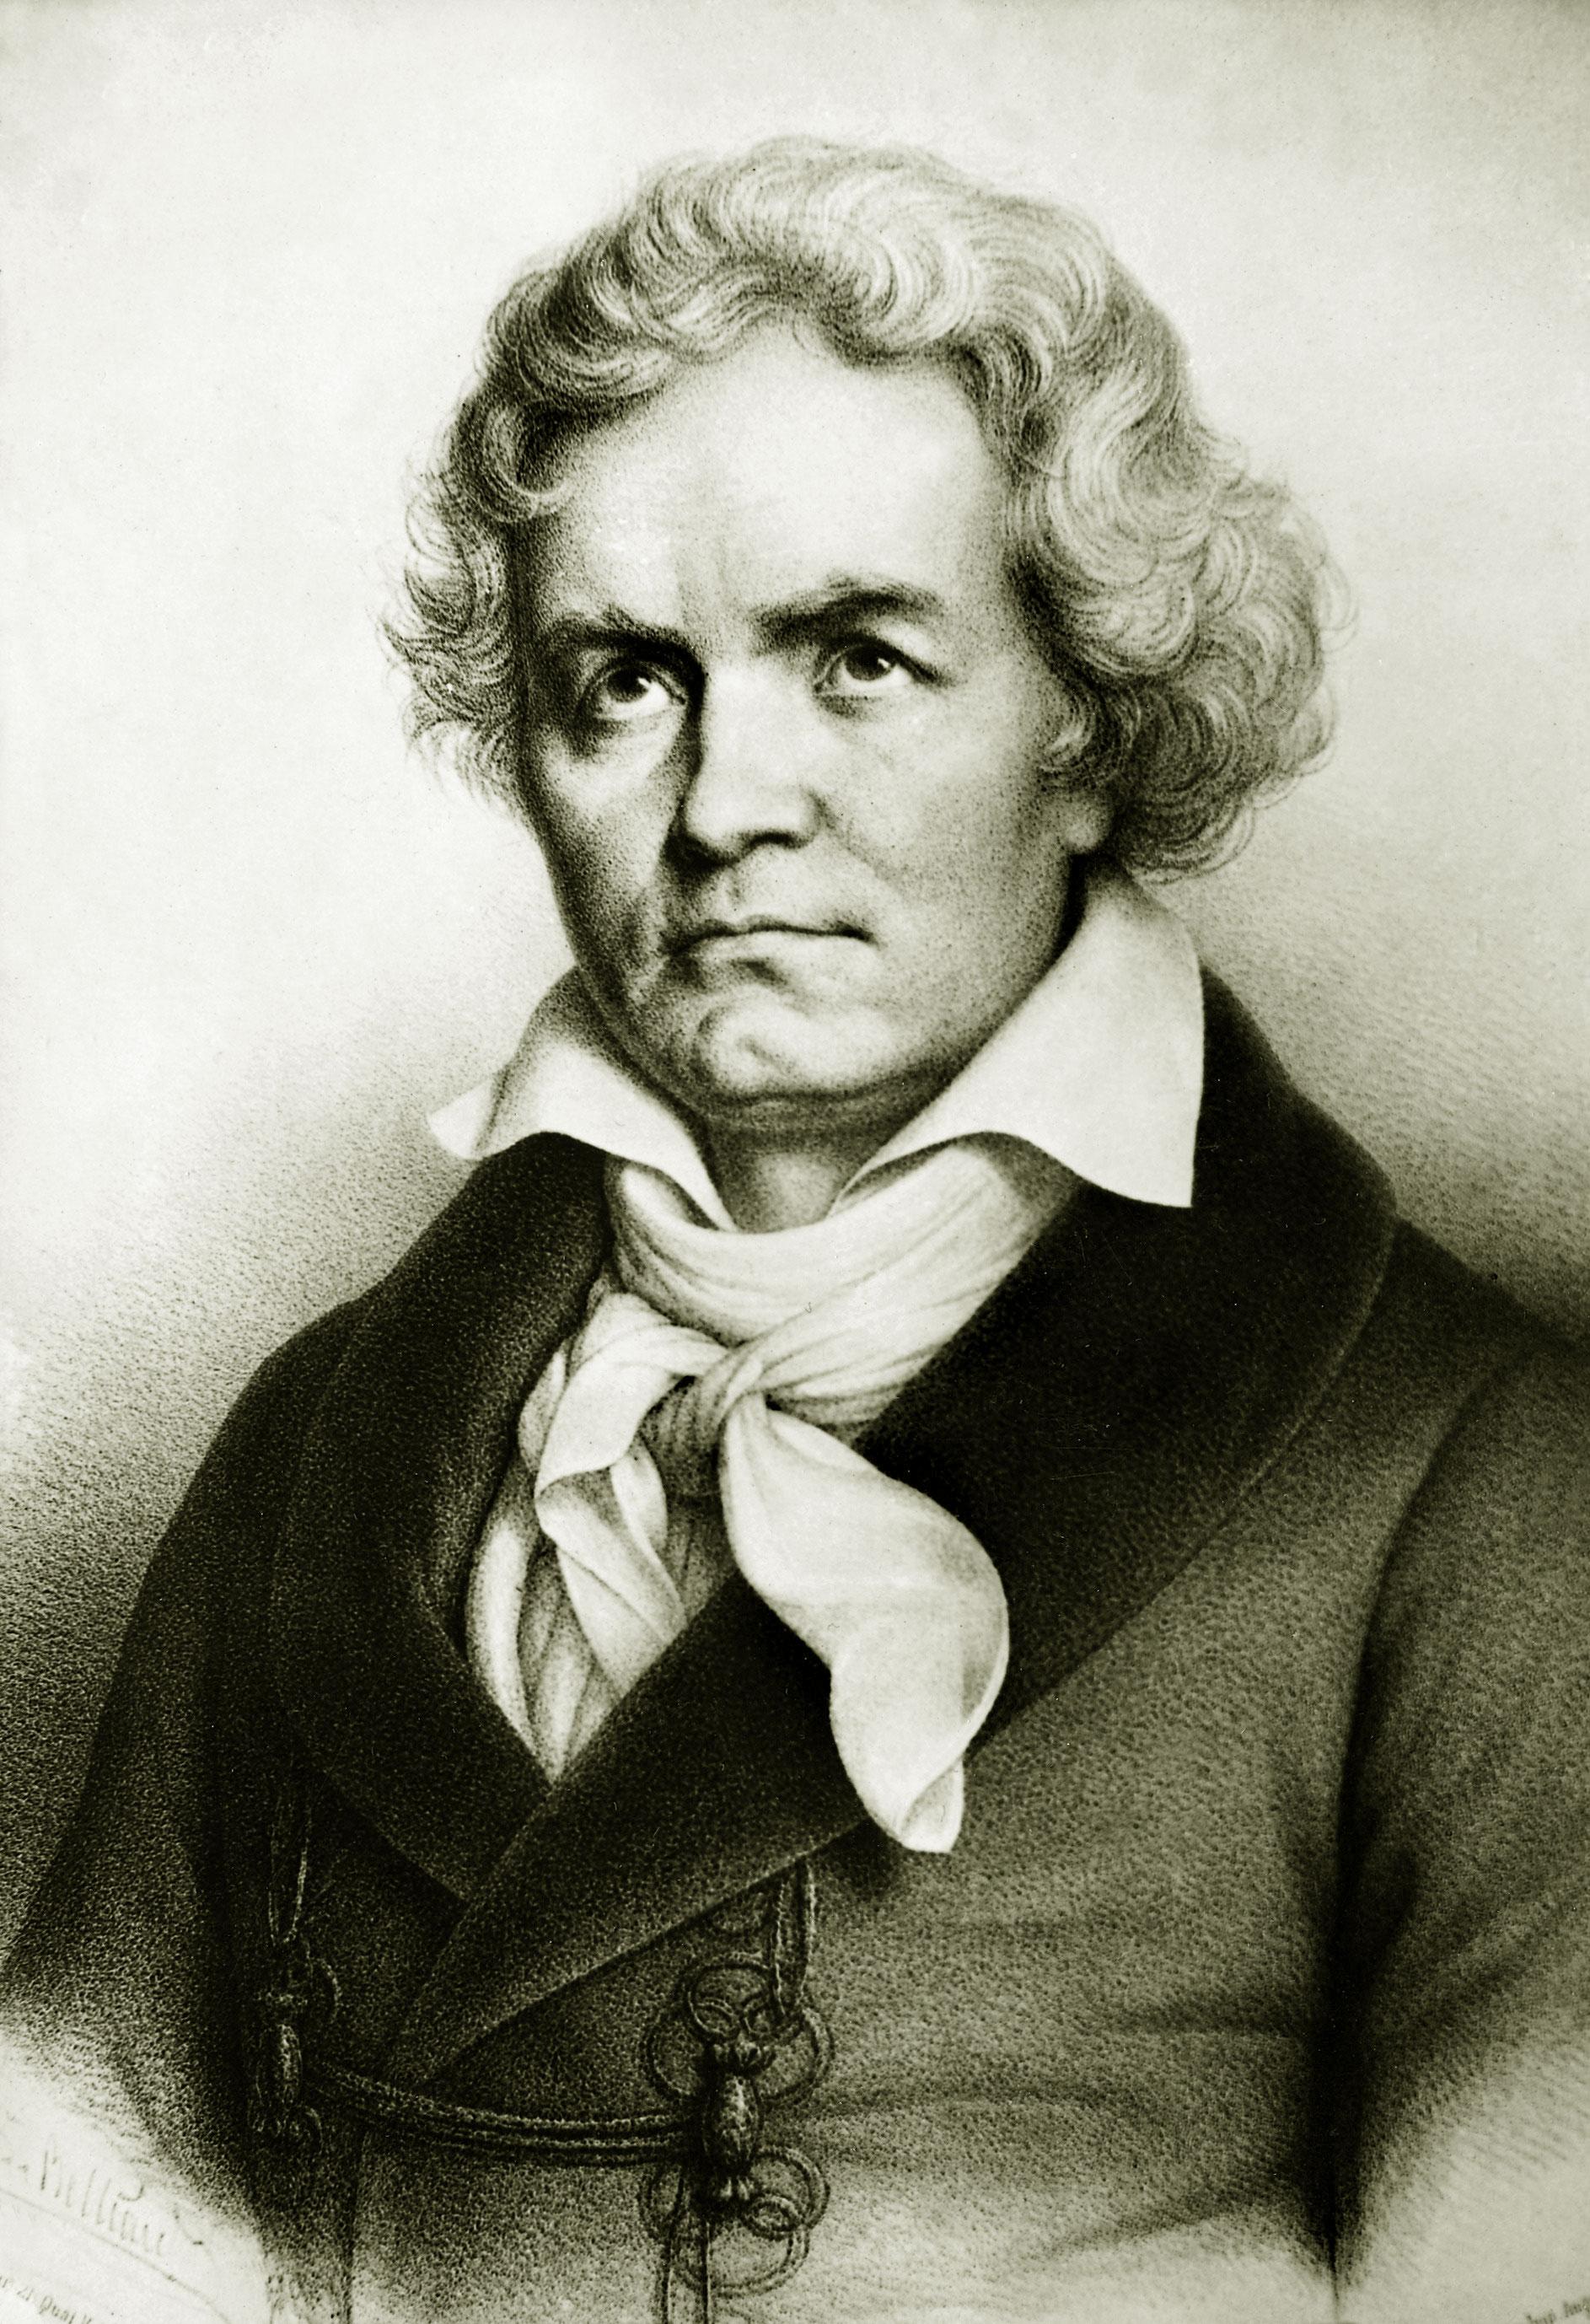 Людвиг ван Бетховен. Гравюра из коллекции французской Национальной библиотеки в Париже. Не позднее 1827 года